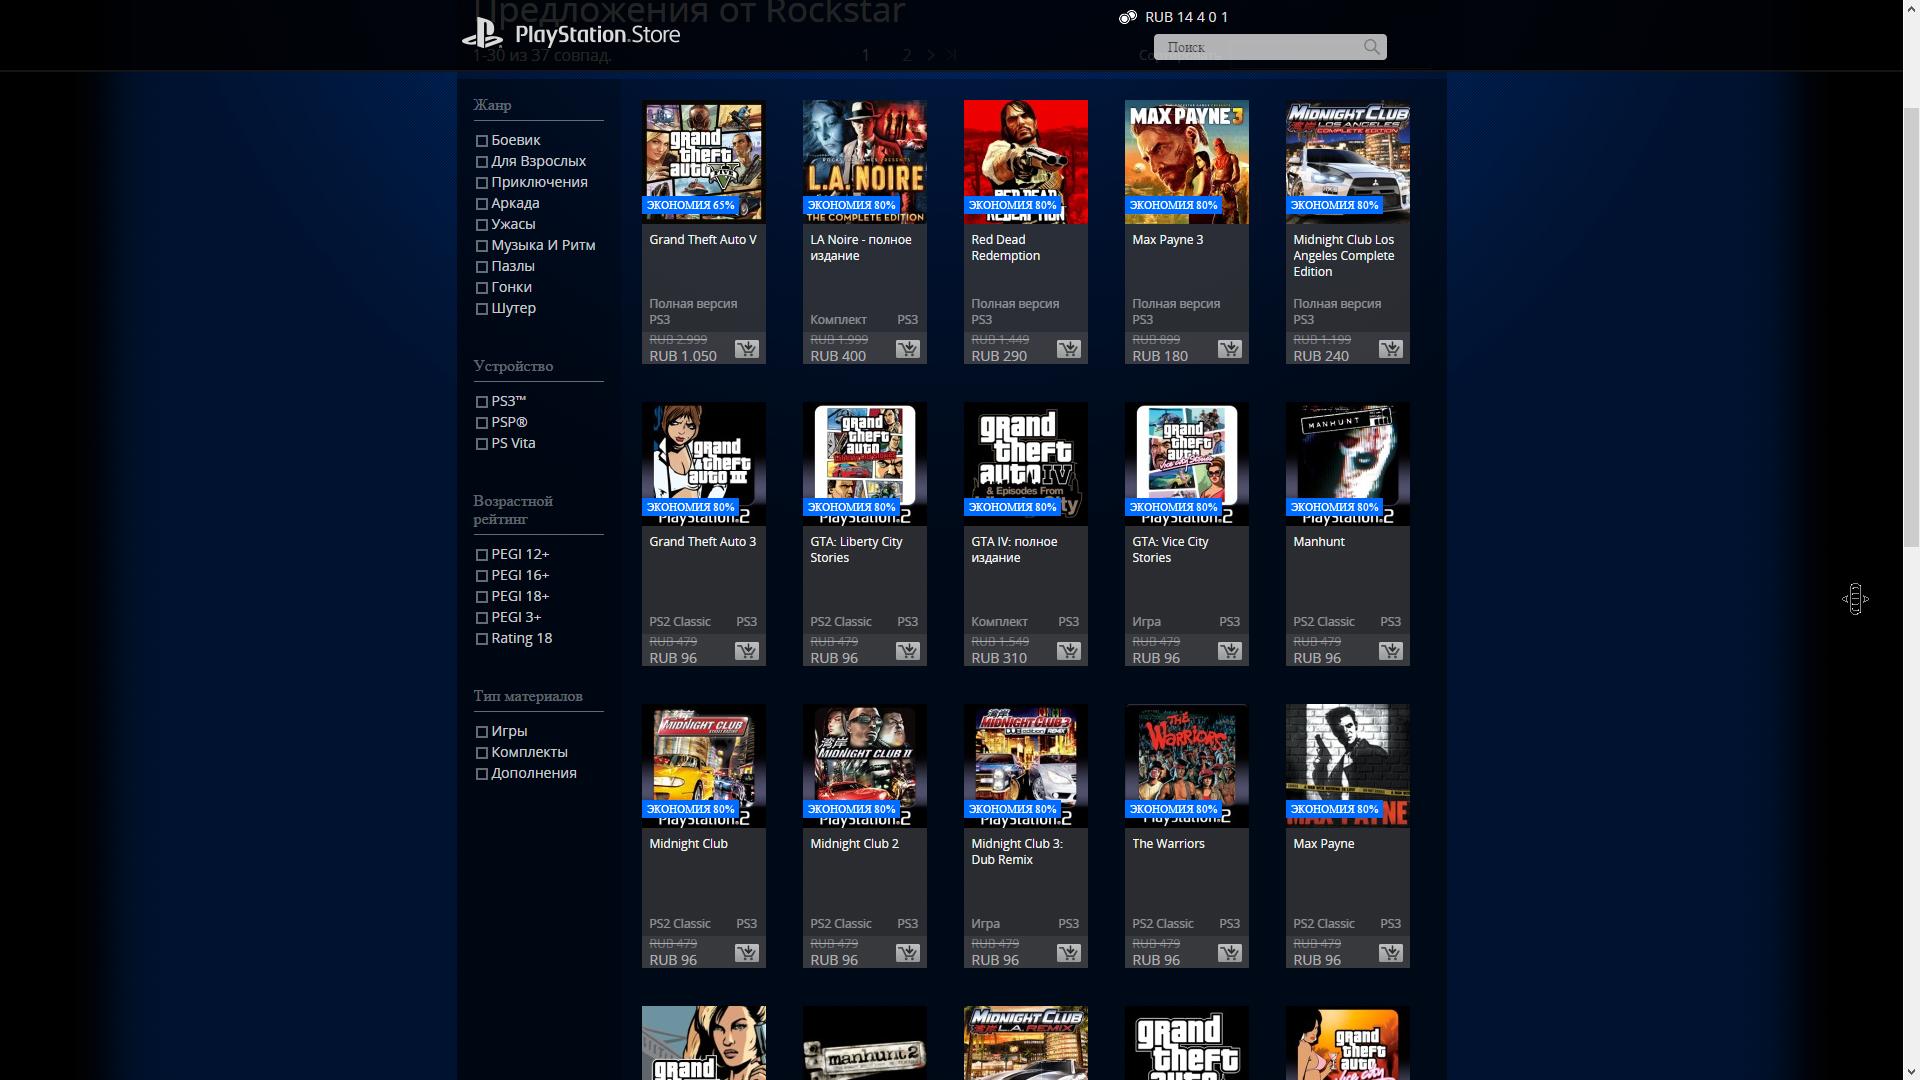 PlayStation Store предлагает отличные скидки на лучшие игры студии Rockstar Games. - Изображение 1